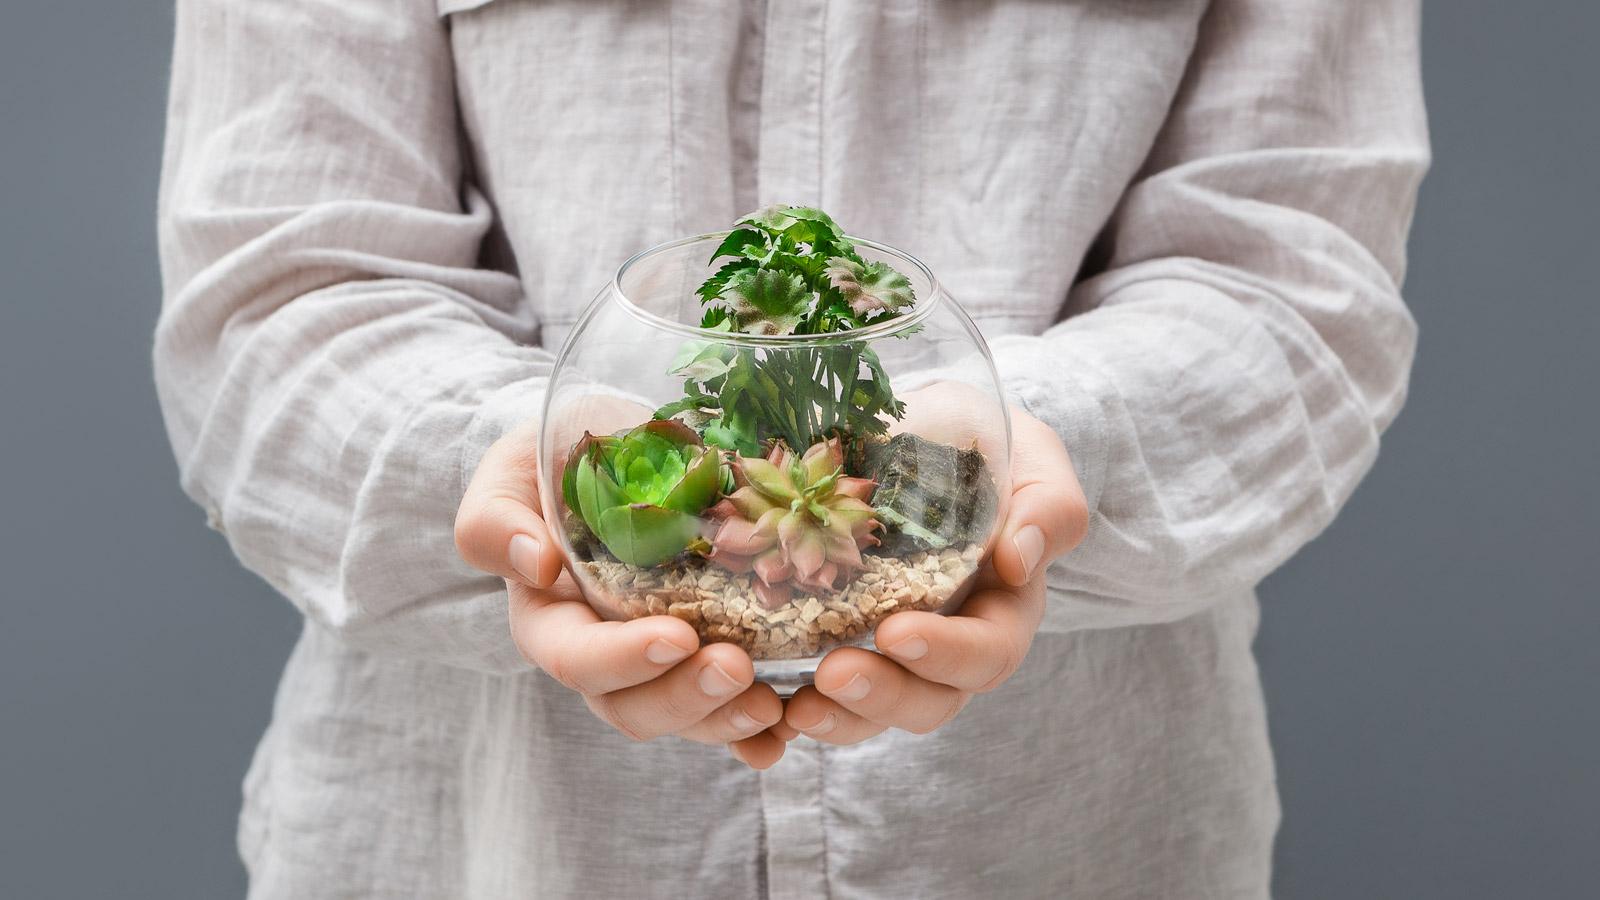 15 prostych nawyków dzięki którym POMOŻESZ środowisku eko mediarun eco roslinki 2019